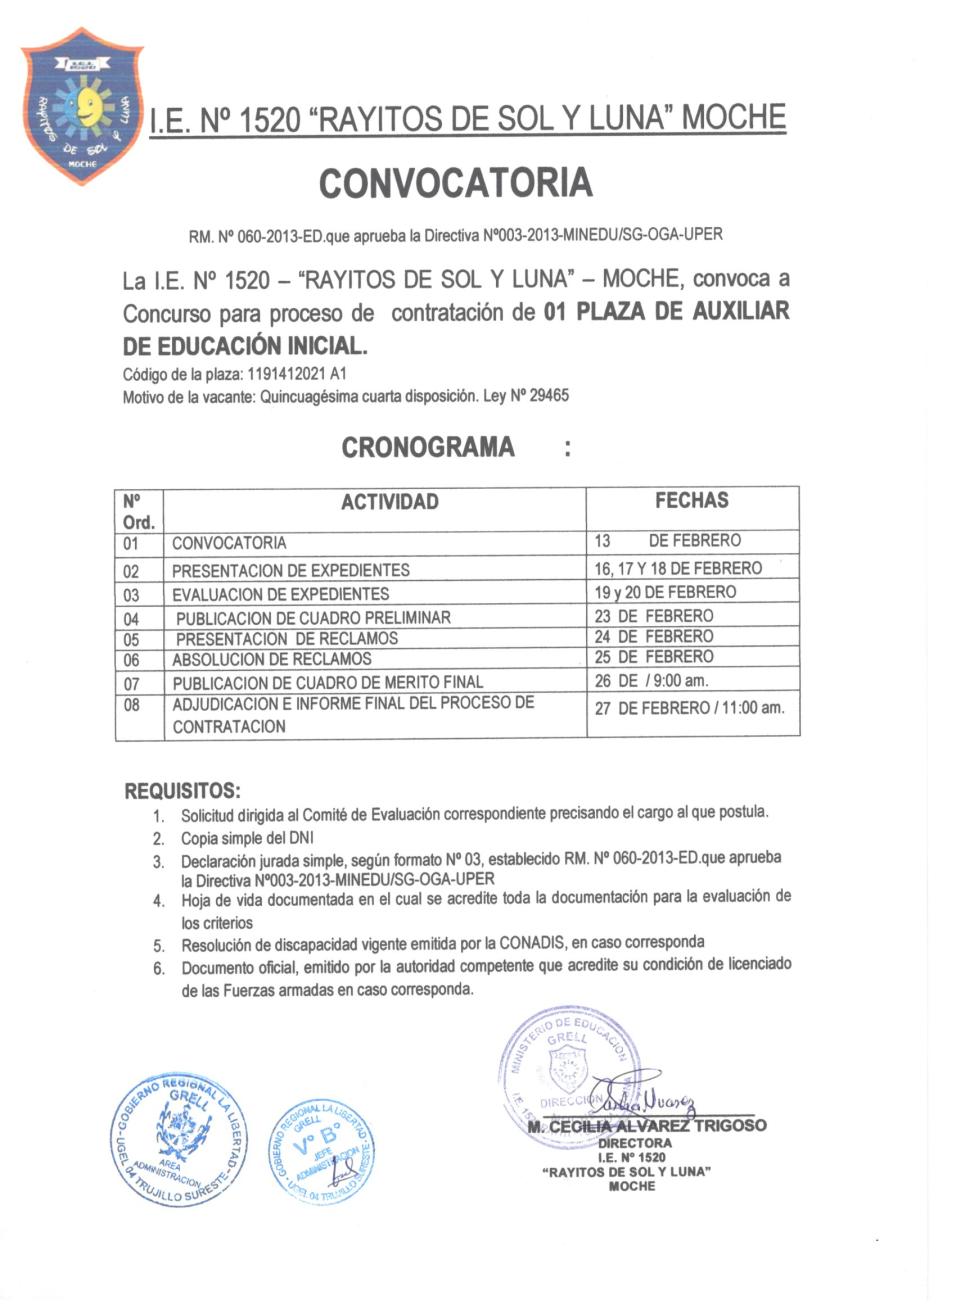 CONVOCATORIA-MOCHE-AUX